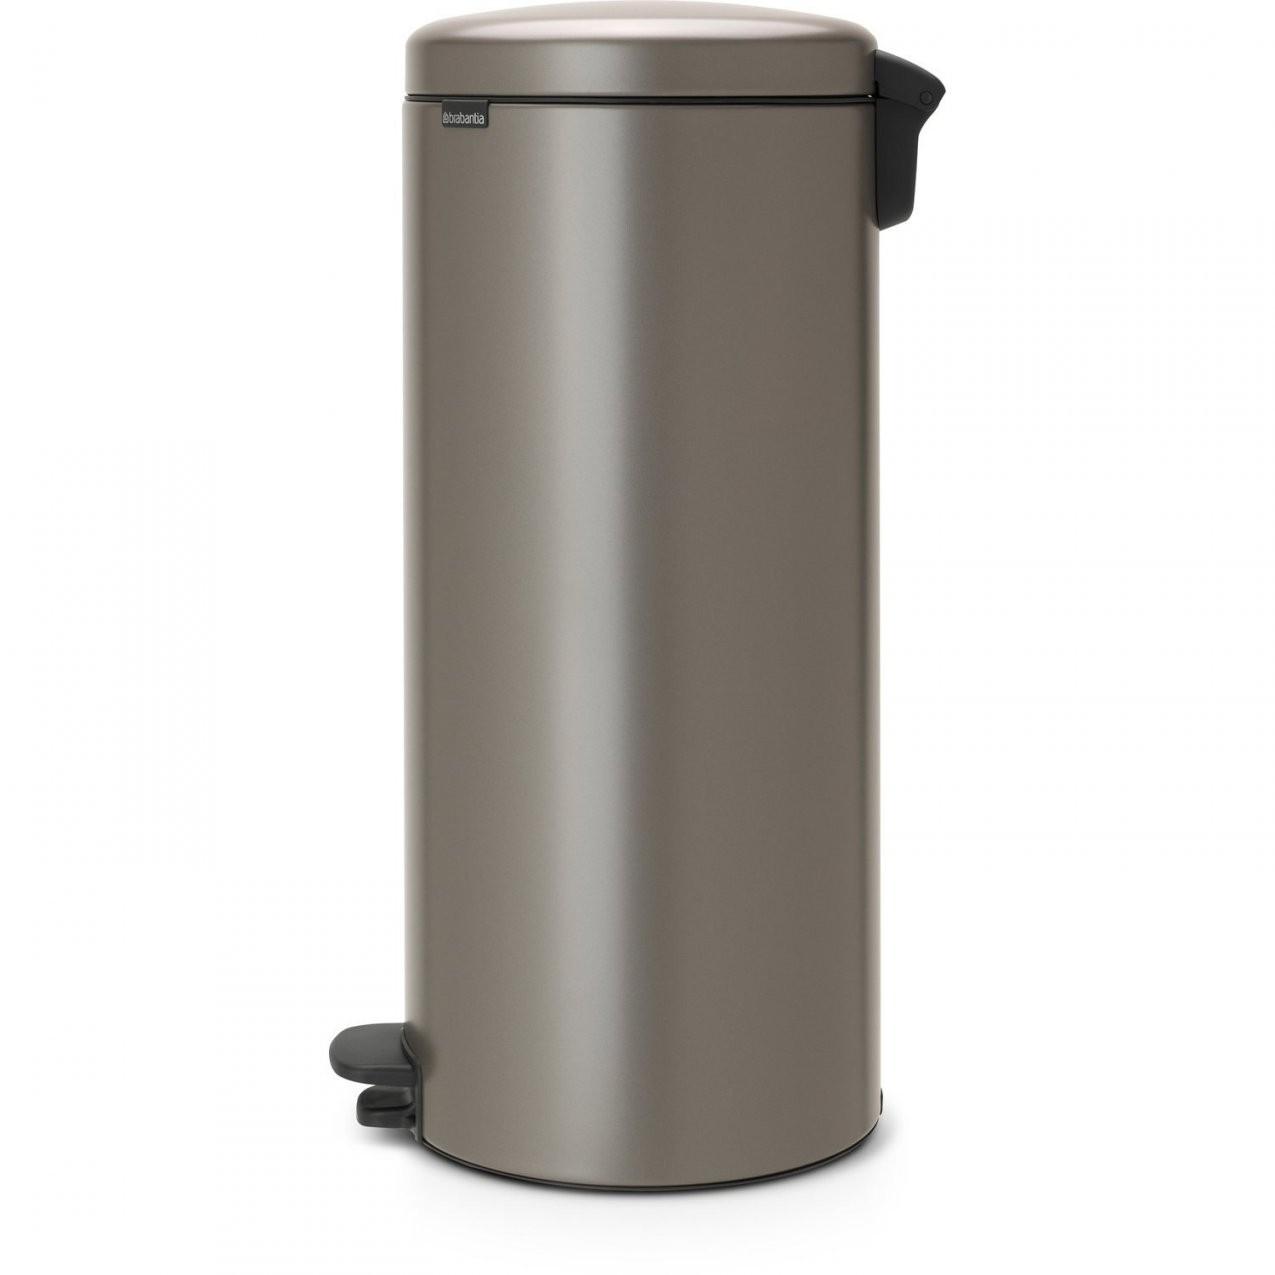 Mülleimer Küche 30L  Mulleimer 30 L Kuche von Tretmülleimer Küche Bild